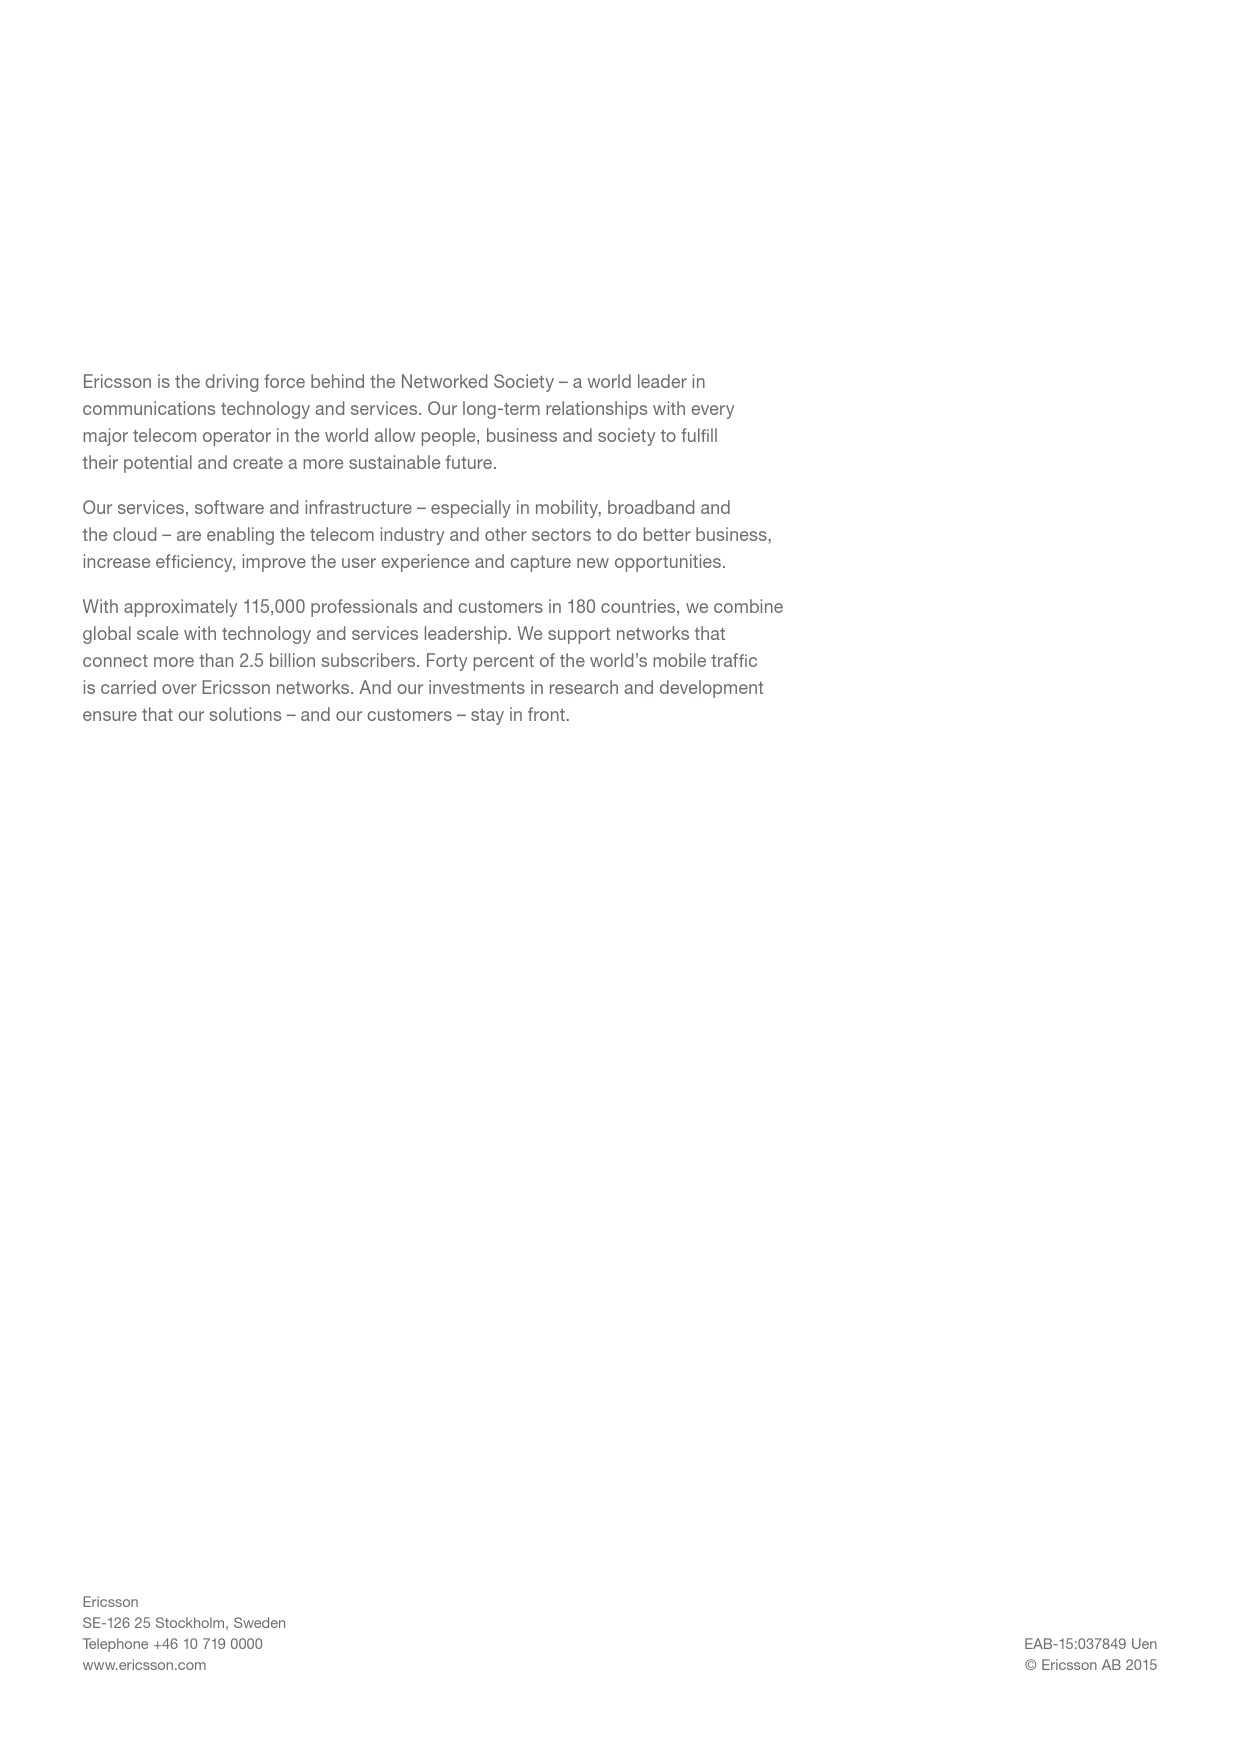 爱立信:2015年移动市场报告_000032